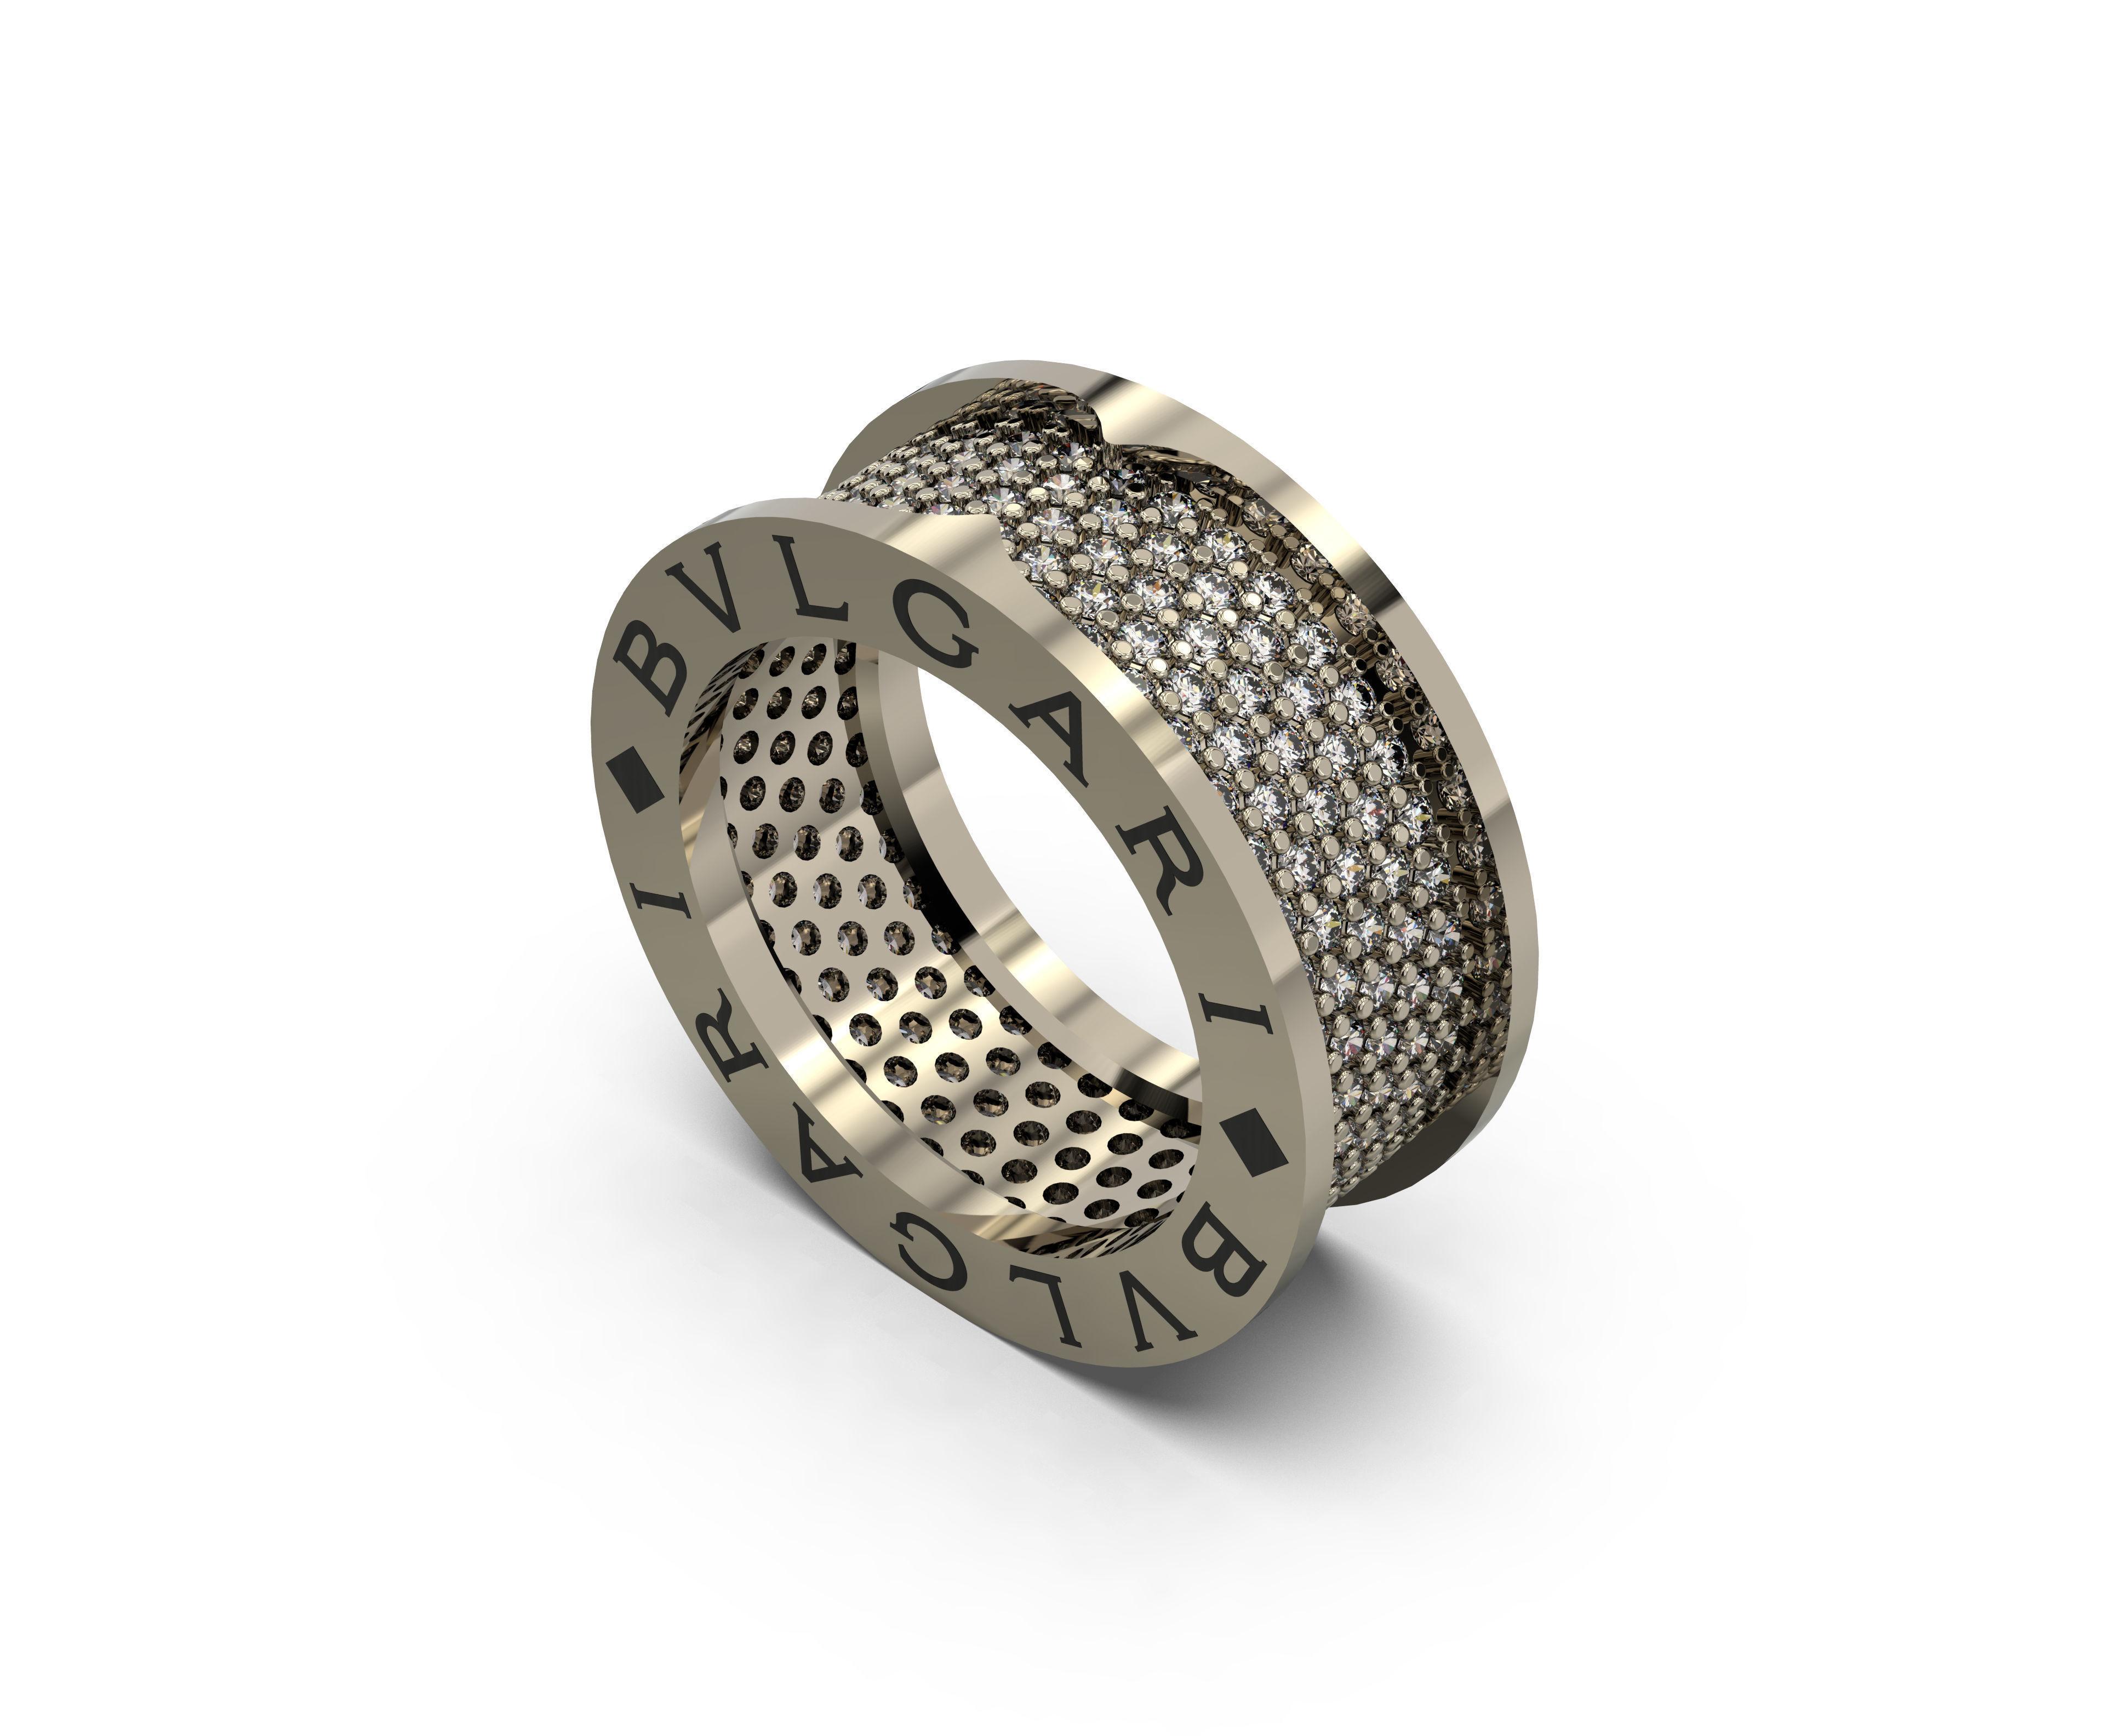 wedding ring bvlgari 3d models download wooding ring